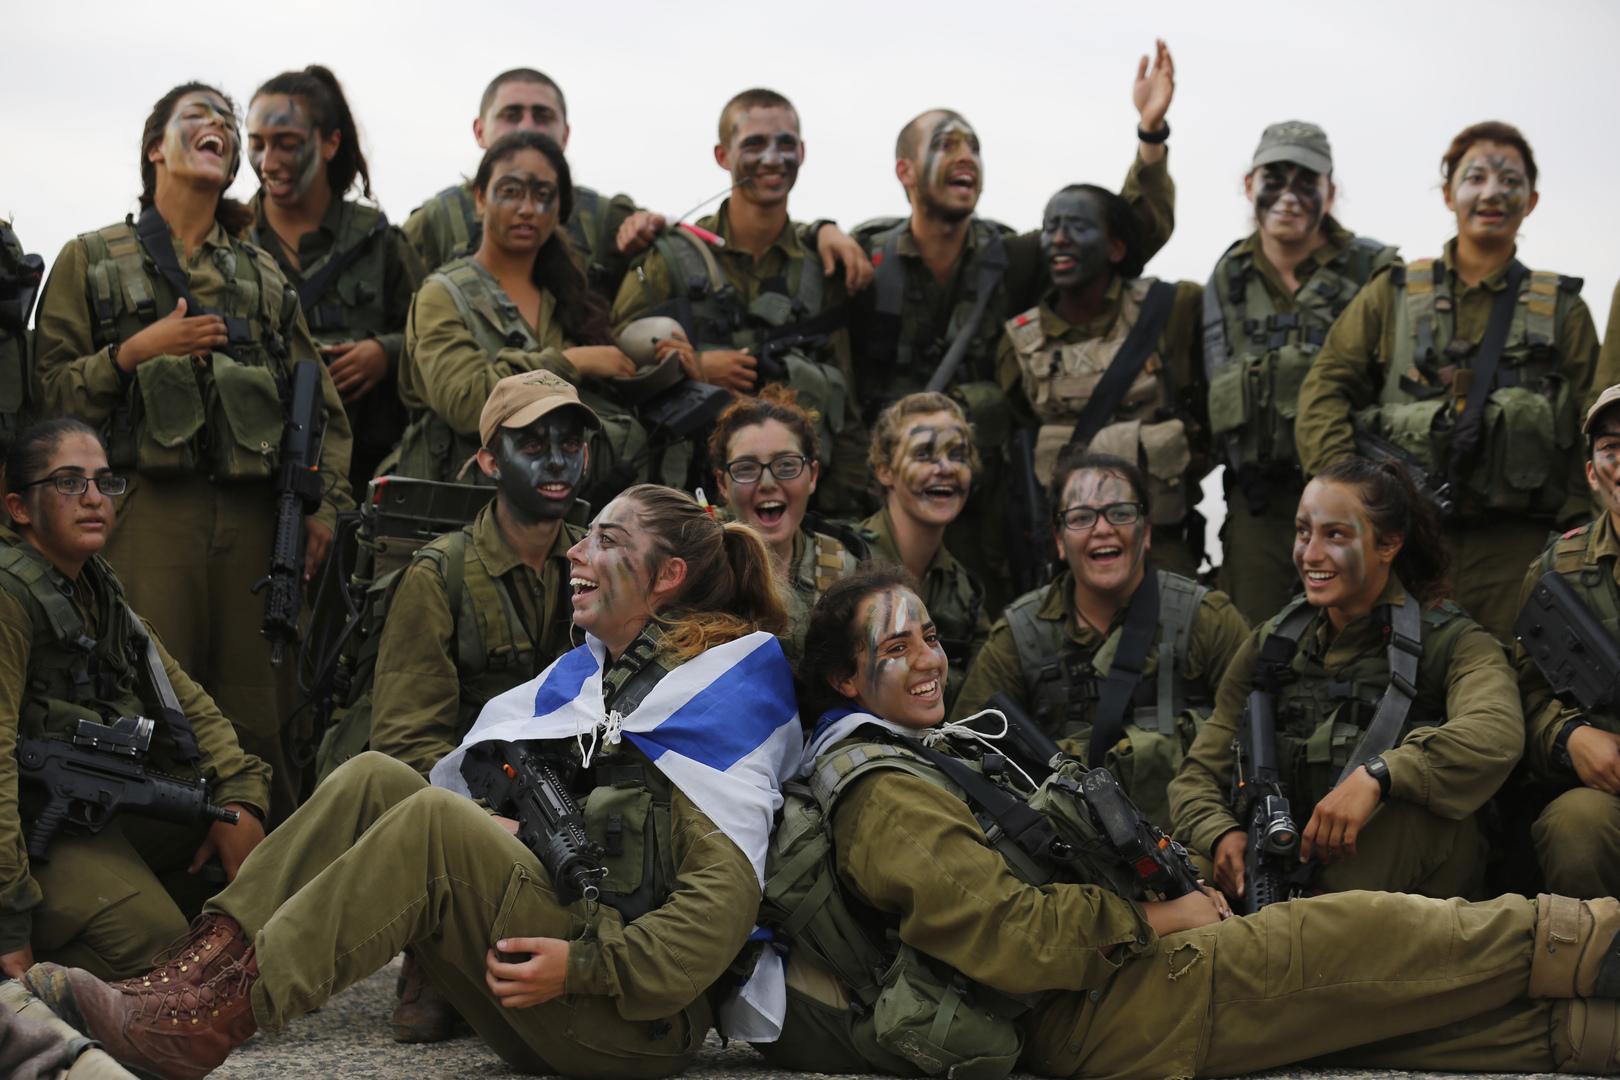 إسرائيل تستعد لنشر كتائب دبابات نسائية على الحدود مع مصر والأردن